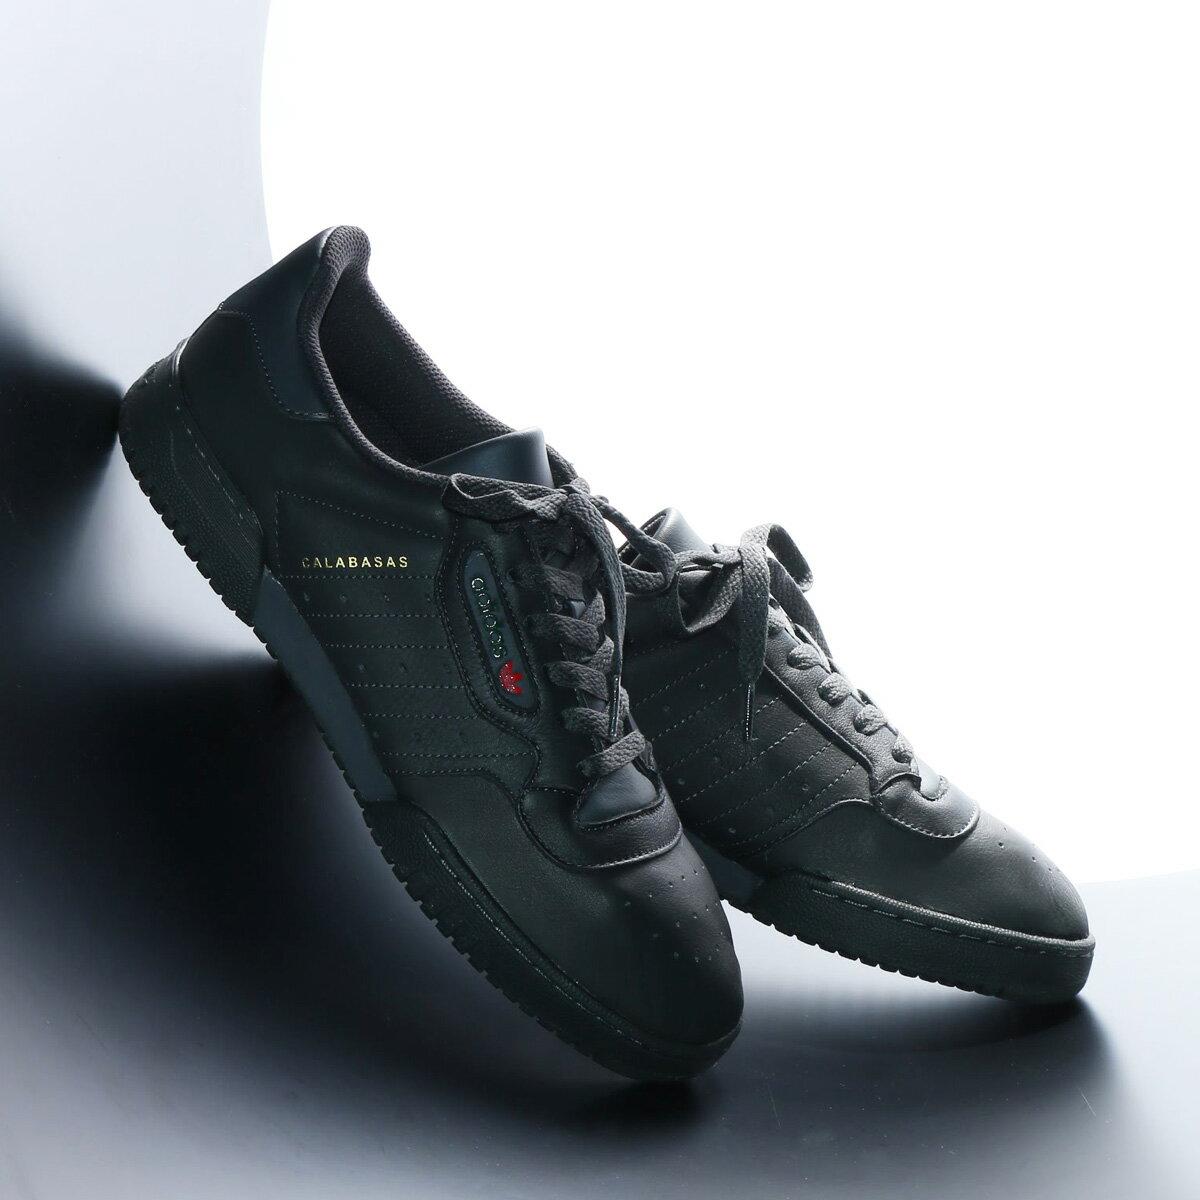 adidas YEEZY POWERPHASE(アディダス イージー パワーフェーズ)Core Black【メンズ レディース スニーカー】18SS-S